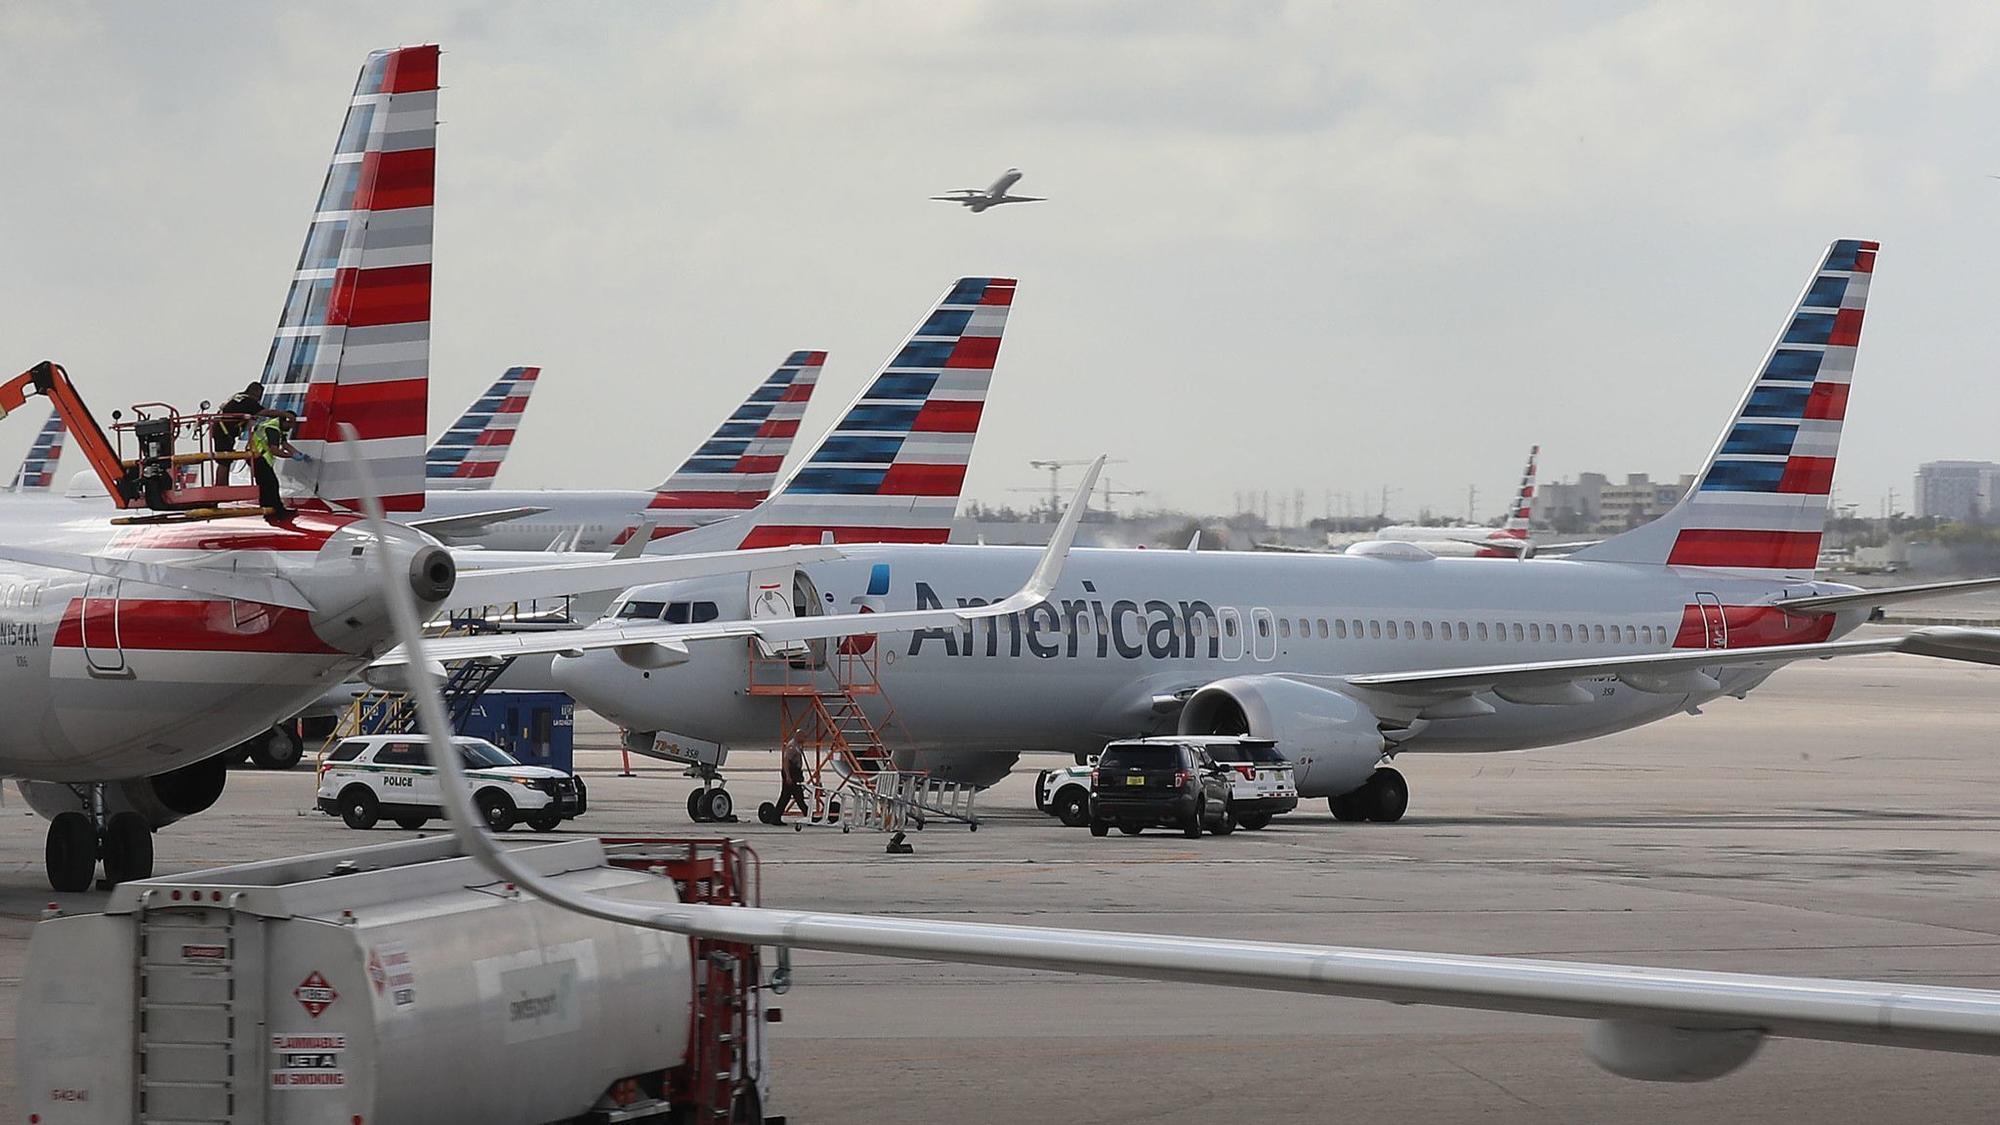 Resultado de imagen para snow cancellations airports chicago